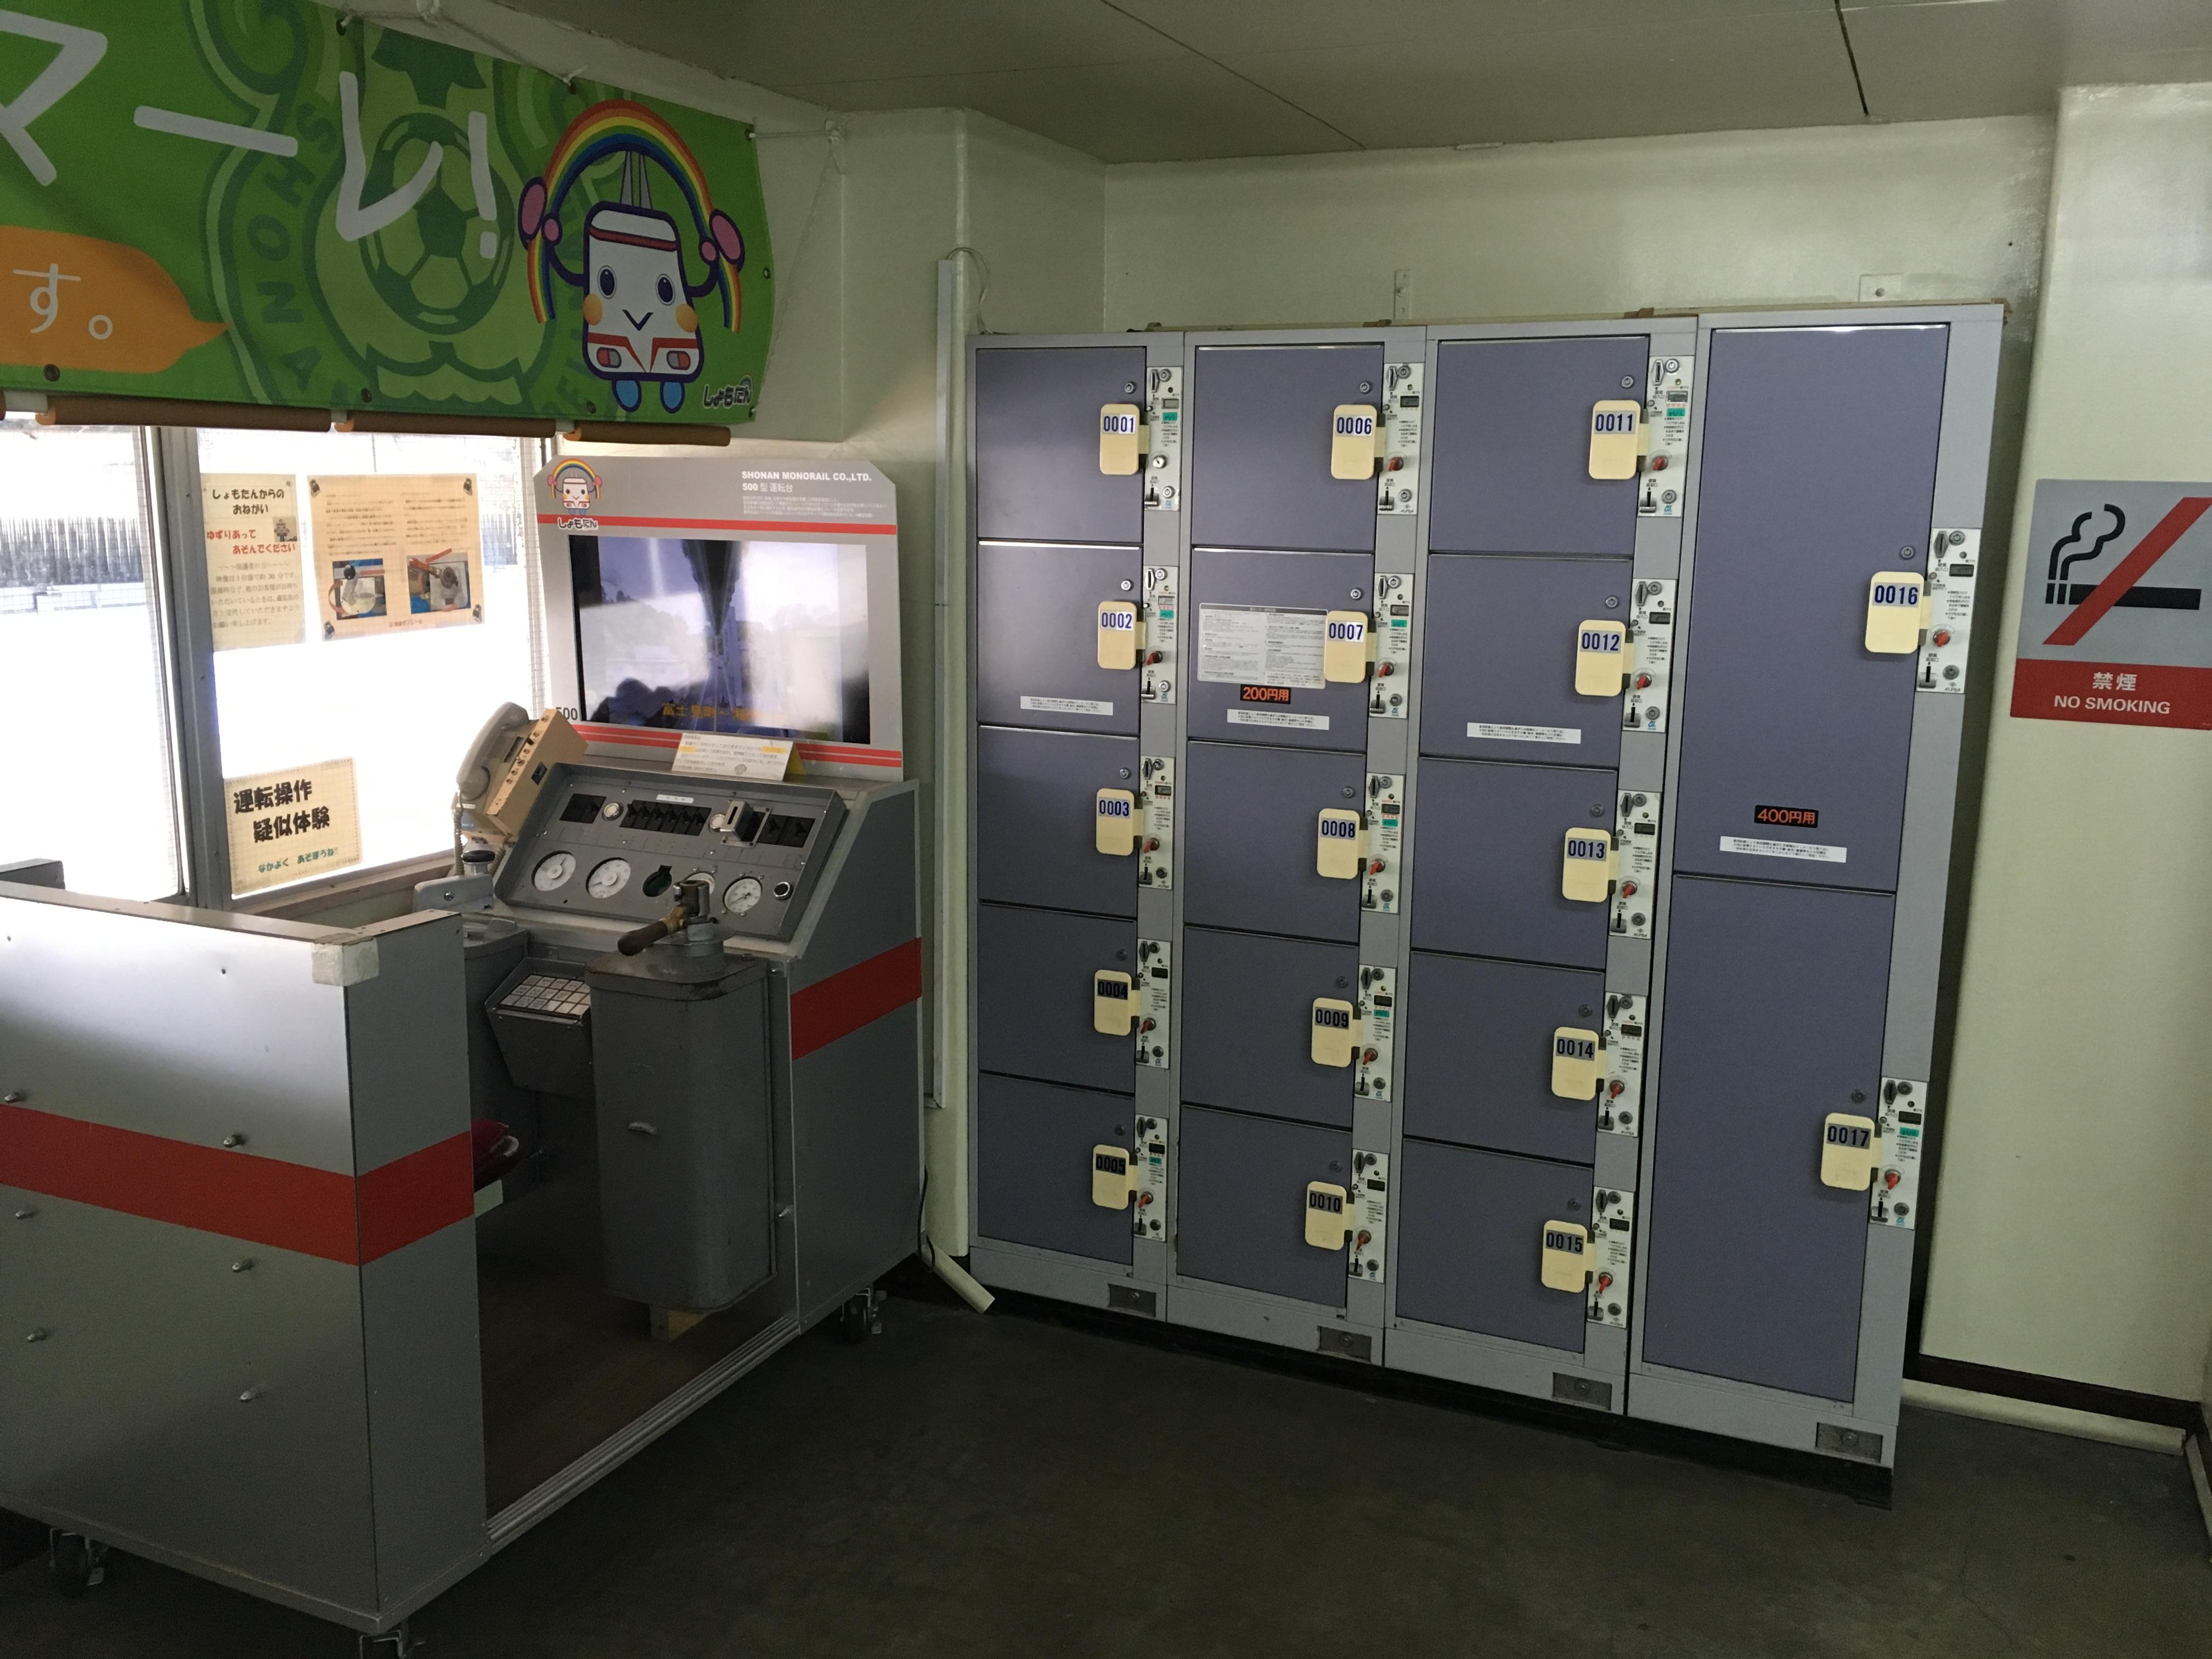 【最新版】湘南モノレール湘南江の島駅のコインロッカー詳細情報(サイズ、個数、実際の写真)